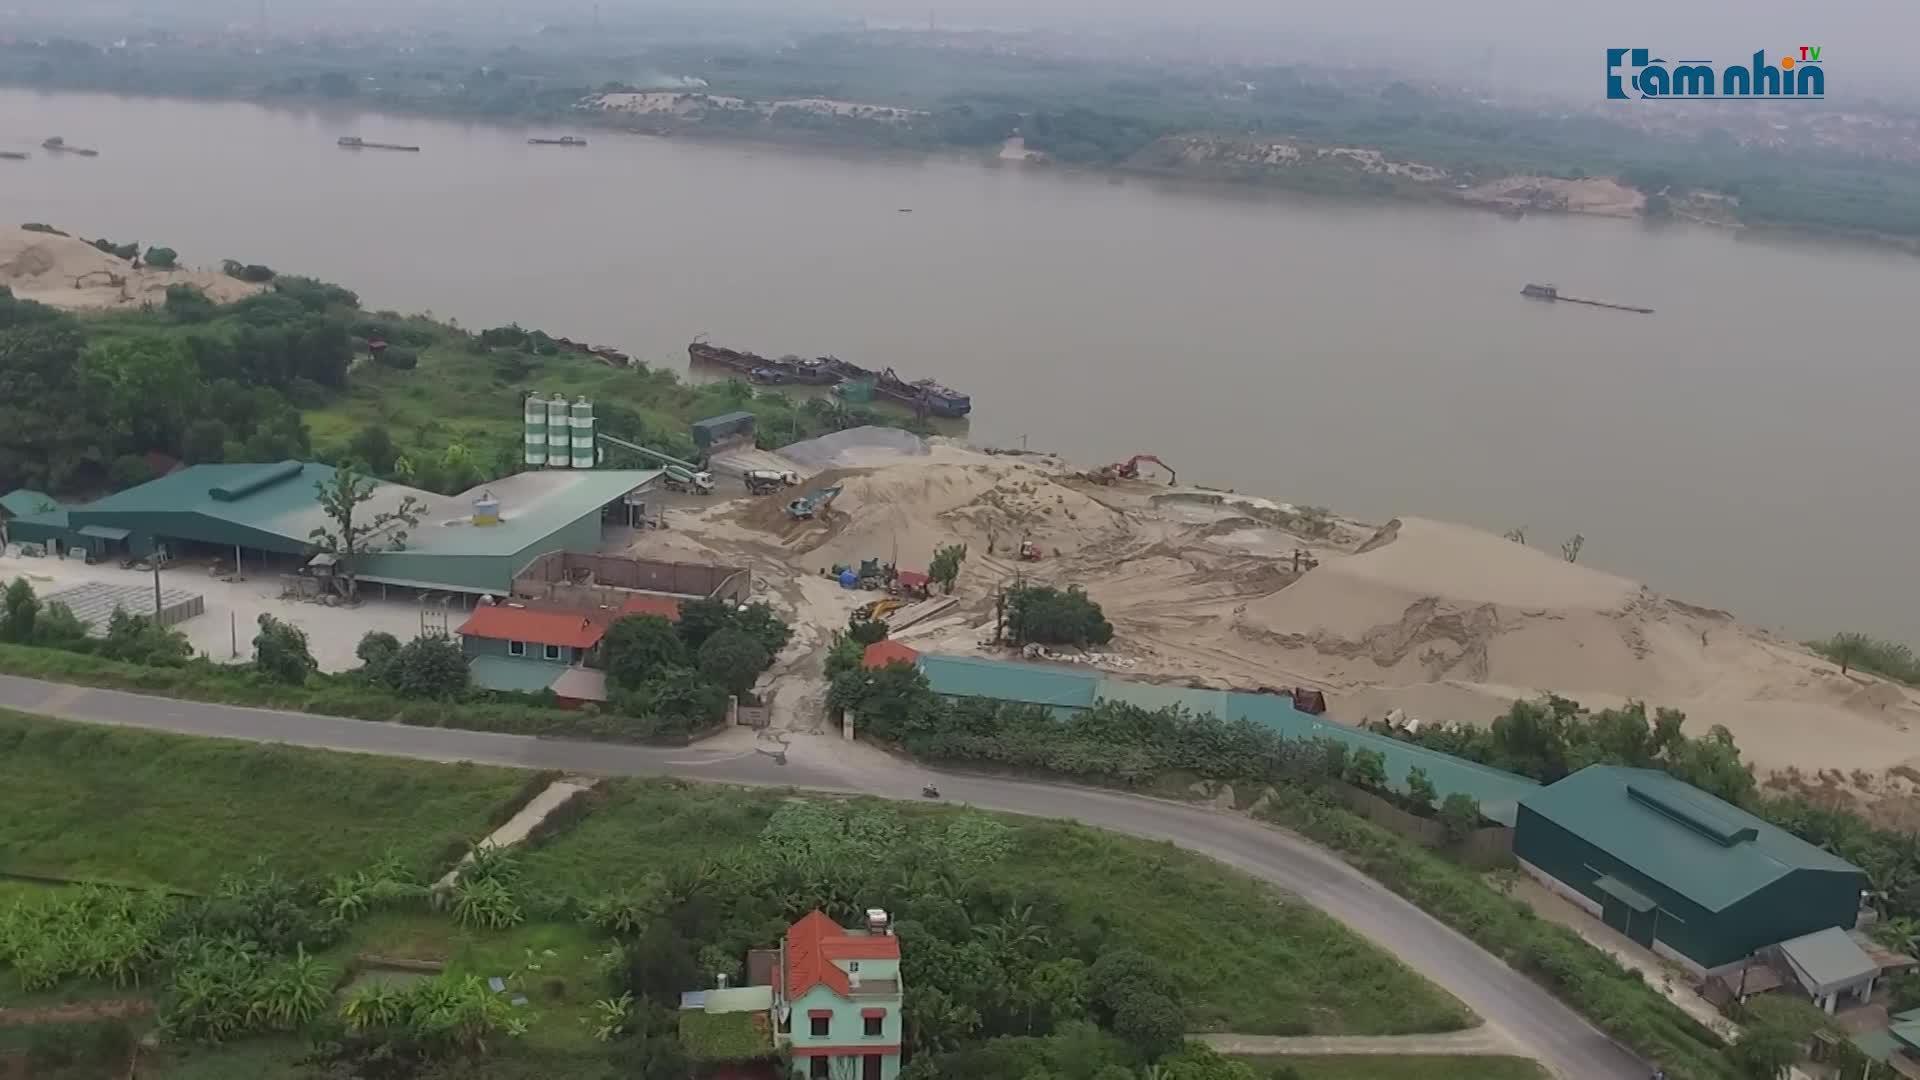 Thường Tín, Hà Nội: Nhà xưởng, Trạm trộn bê tông vô tư mọc trên hành lang bảo vệ đê, thoát lũ sông Hồng